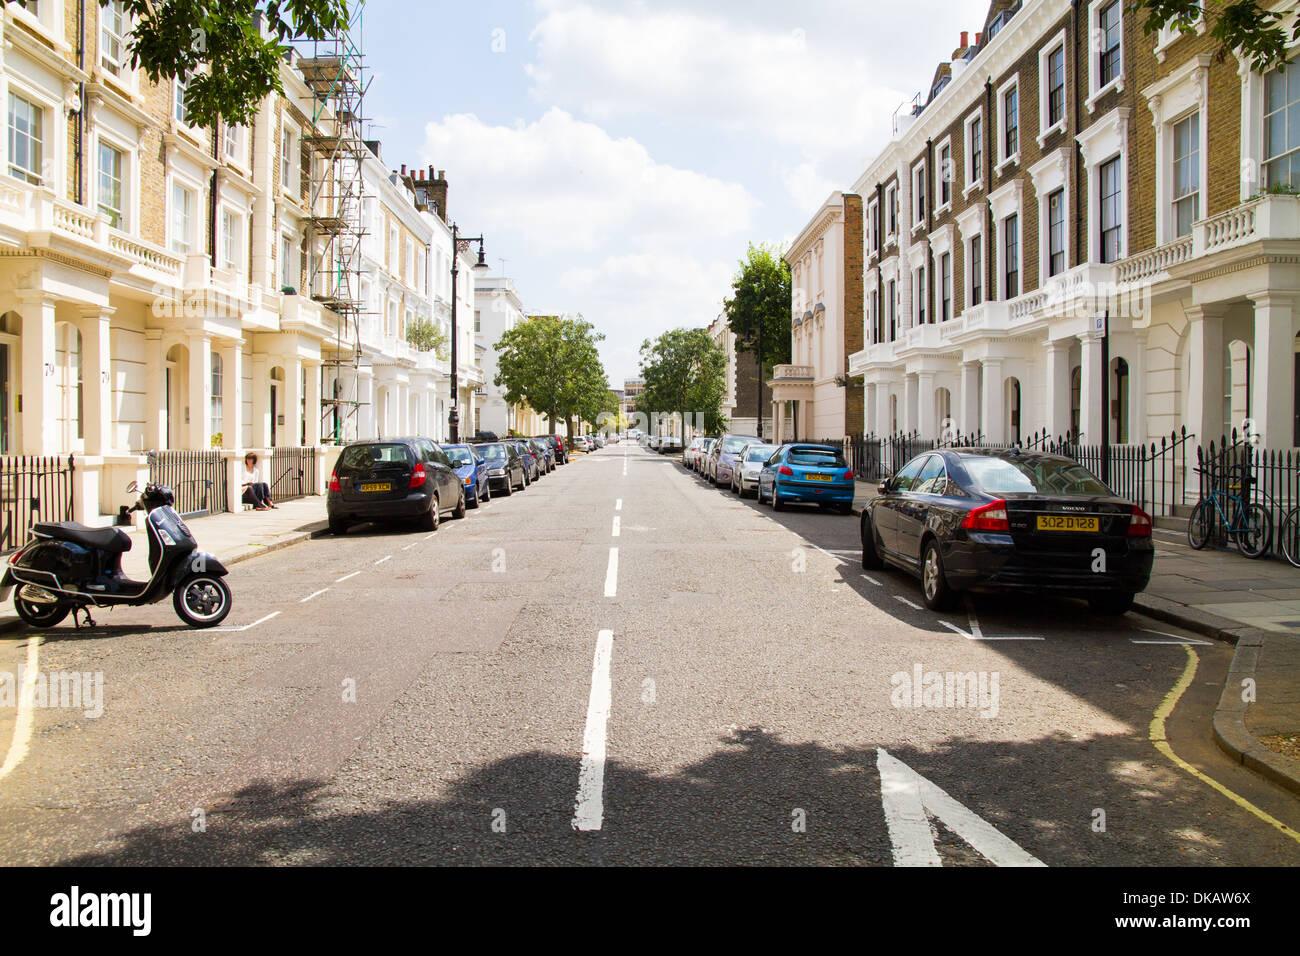 Eine wohlhabende terrassenförmig angelegten Straße in West London Pimlico Westminster London Stockbild